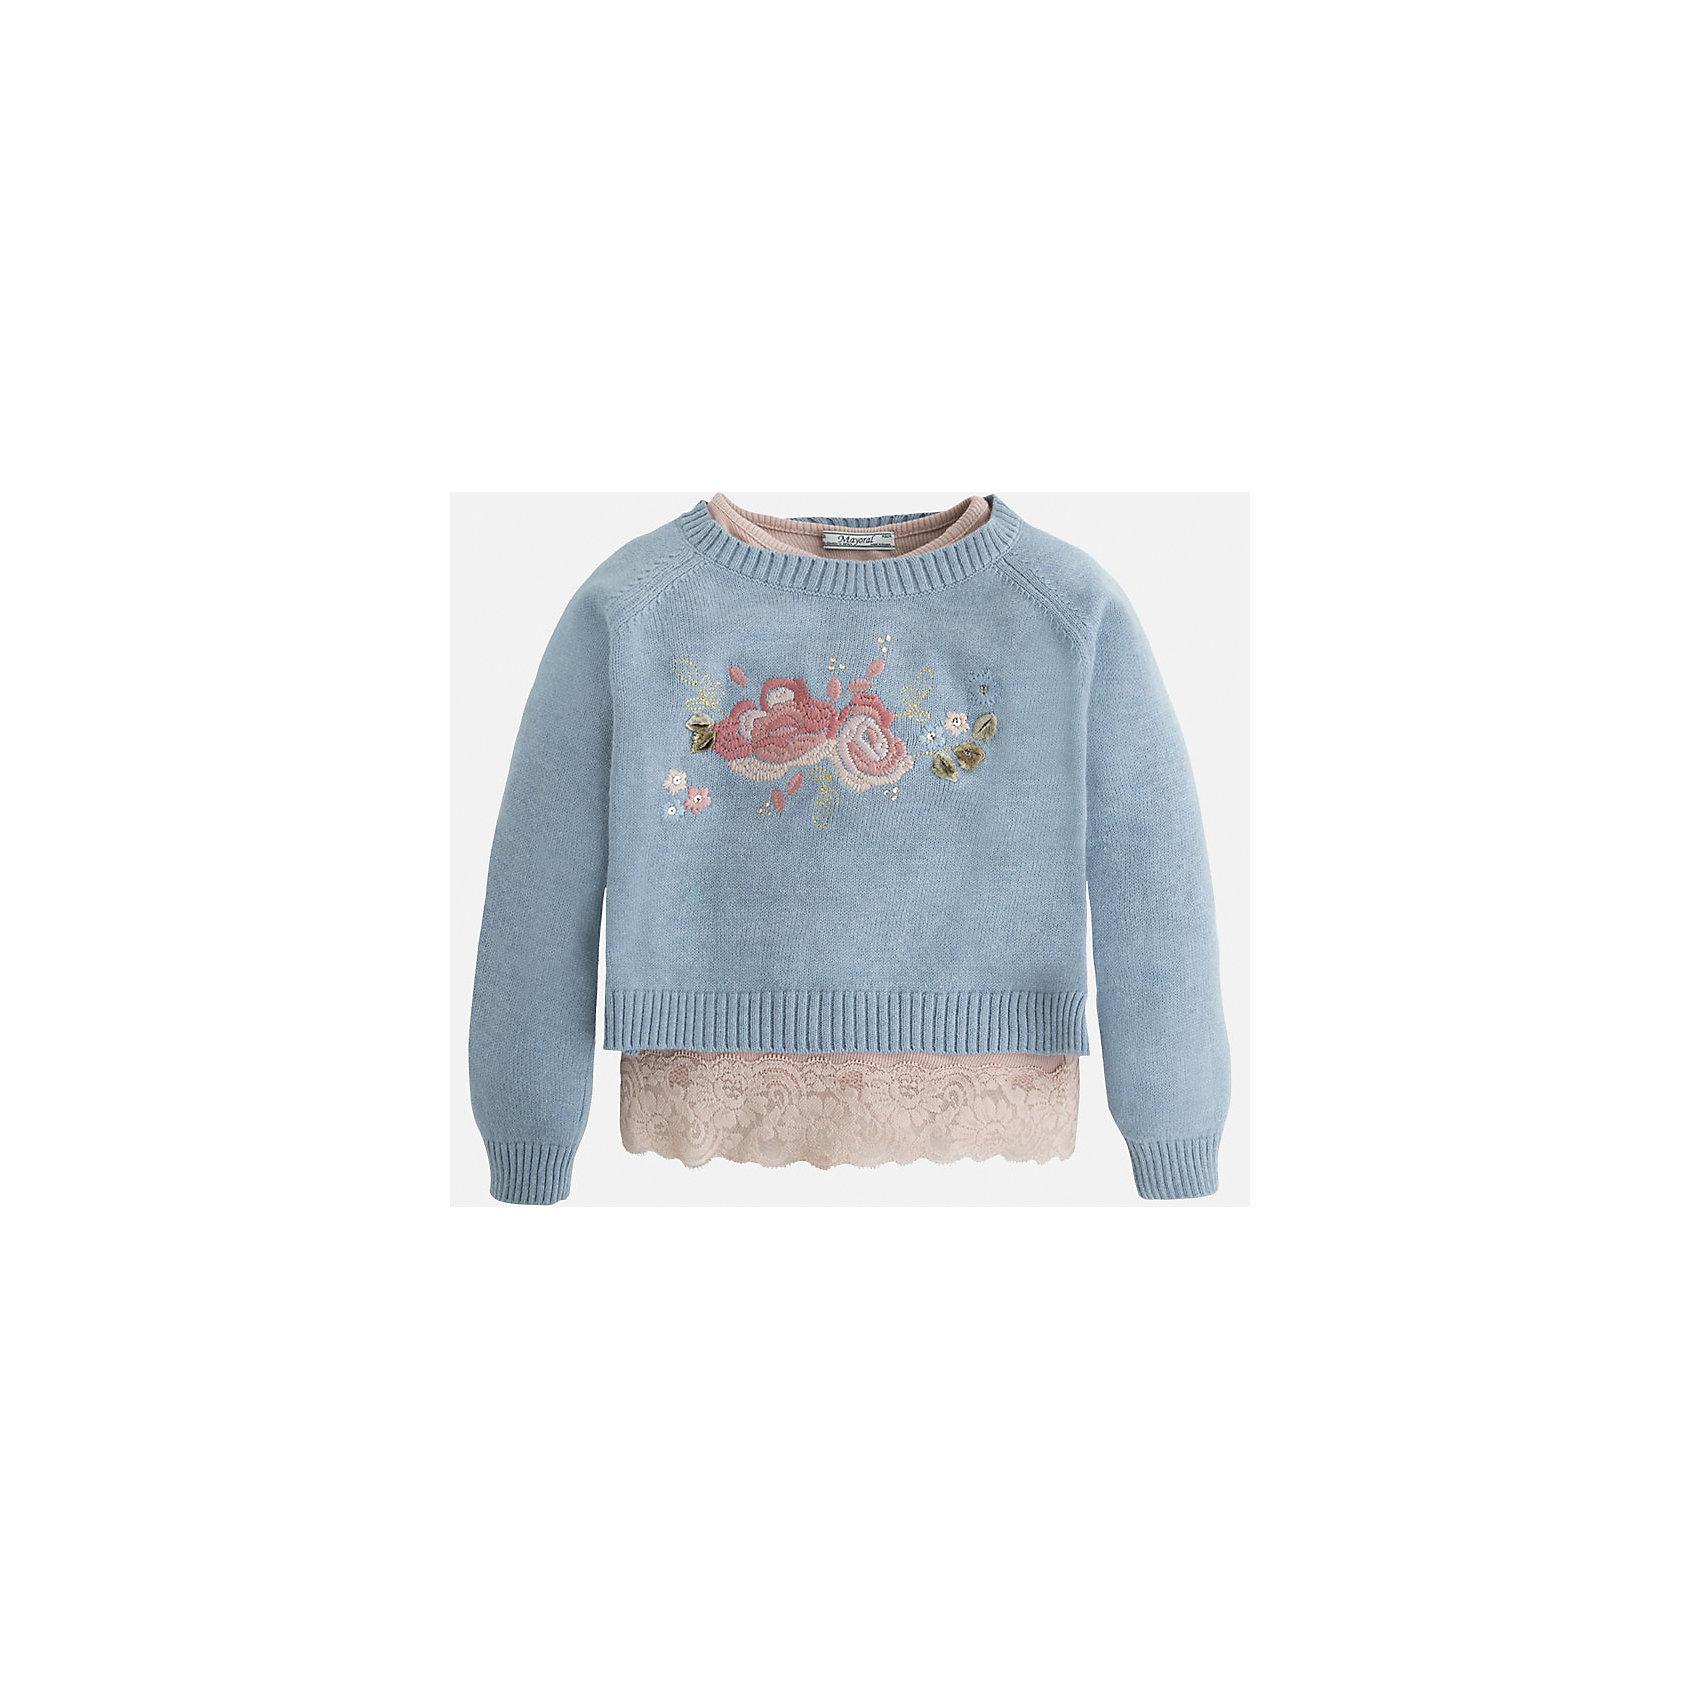 Свитер для девочки MayoralСвитера и кардиганы<br>Укороченный свитер Mayoral - отличный вариант для любого случая! Модель дополнена оригинальной майкой с кружевной отделкой, оформлена нежной вышивкой. Свитер изготовлен из высококачественных материалов, прекрасно смотрится на фигуре, не вытягивается.<br><br>Дополнительная информация:<br><br>- Укороченная модель.<br>- Майка с нежный кружевом в комплекте. <br>- Округлый вырез горловины.<br>- Нежный принт.<br>- Покрой: прямой. <br>Состав: <br>- свитер - 60% хлопок, 30%% полиамид, 10% ангора, майка - 96% вискоза, 4% эластан. <br><br>Свитер для девочки Mayoral (Майорал), можно купить в нашем магазине.<br><br>Ширина мм: 190<br>Глубина мм: 74<br>Высота мм: 229<br>Вес г: 236<br>Цвет: синий<br>Возраст от месяцев: 60<br>Возраст до месяцев: 72<br>Пол: Женский<br>Возраст: Детский<br>Размер: 116,134,128,122,110,98,104,92<br>SKU: 4846619